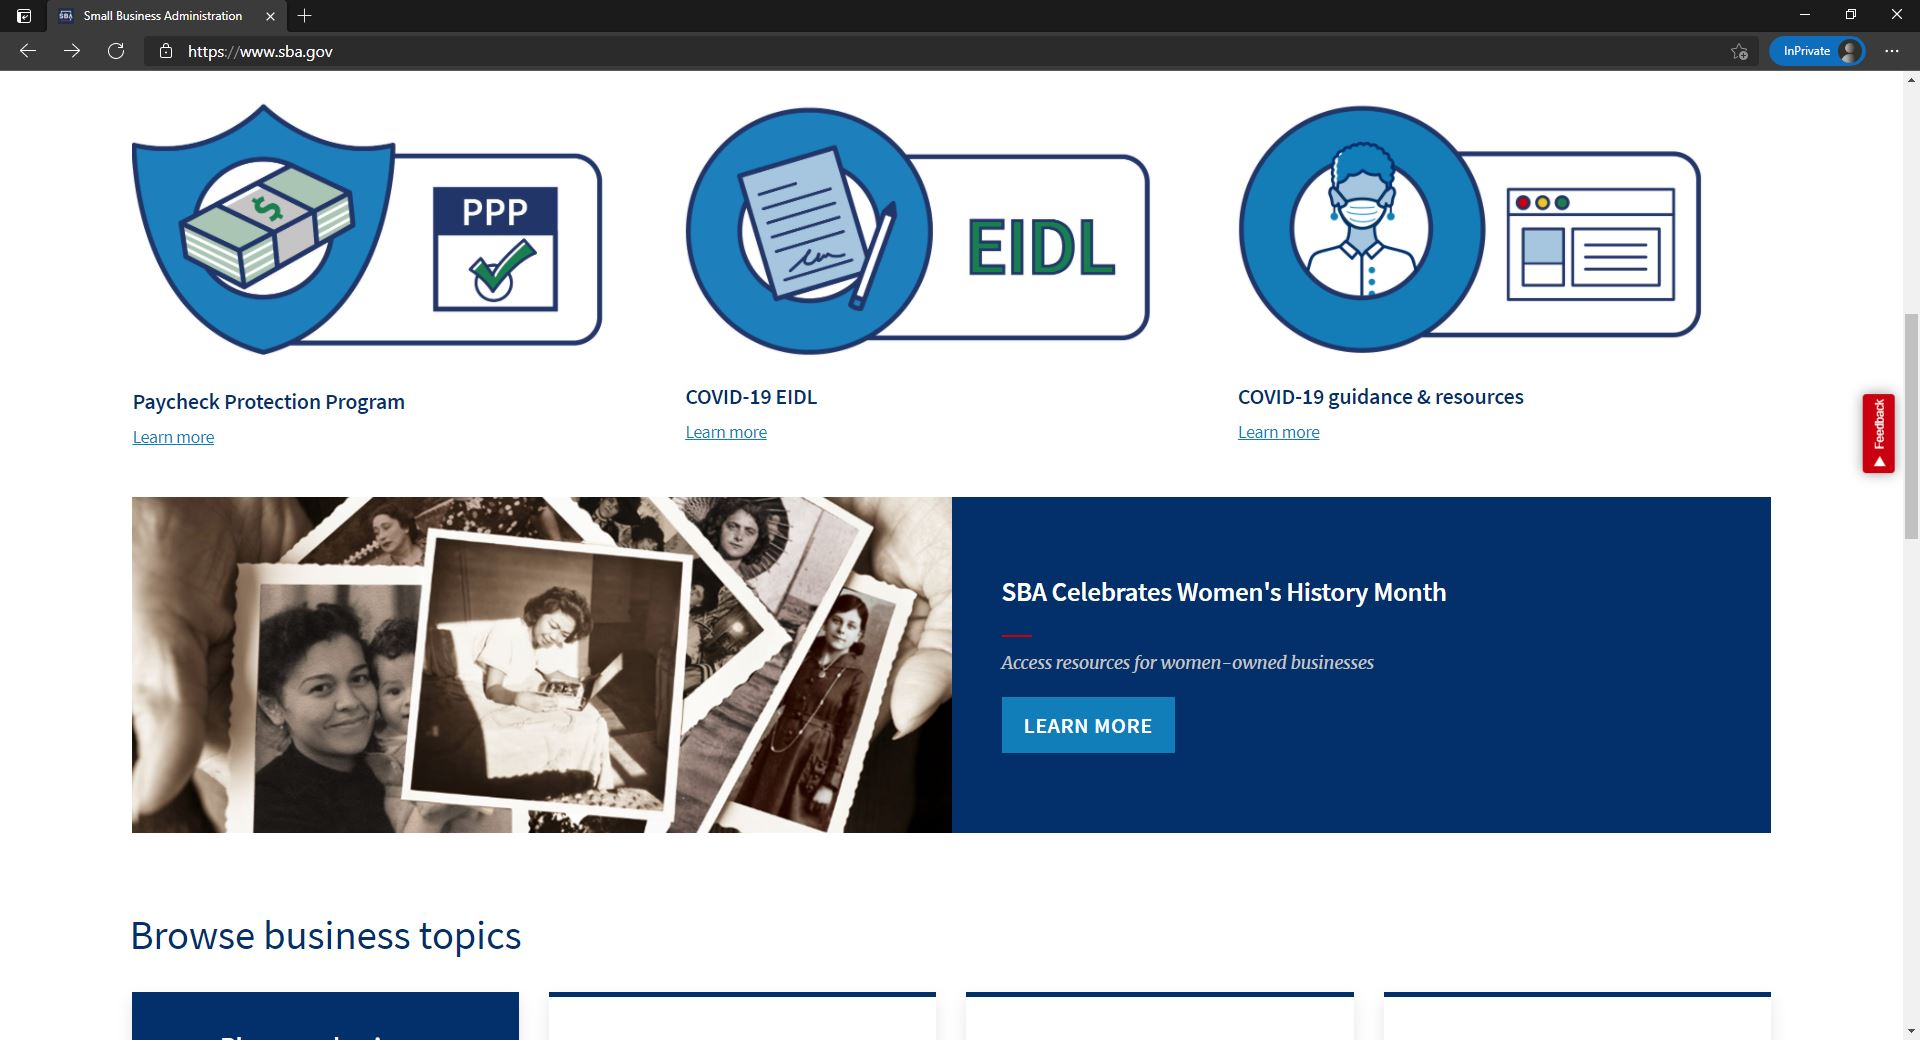 SBA website homepage